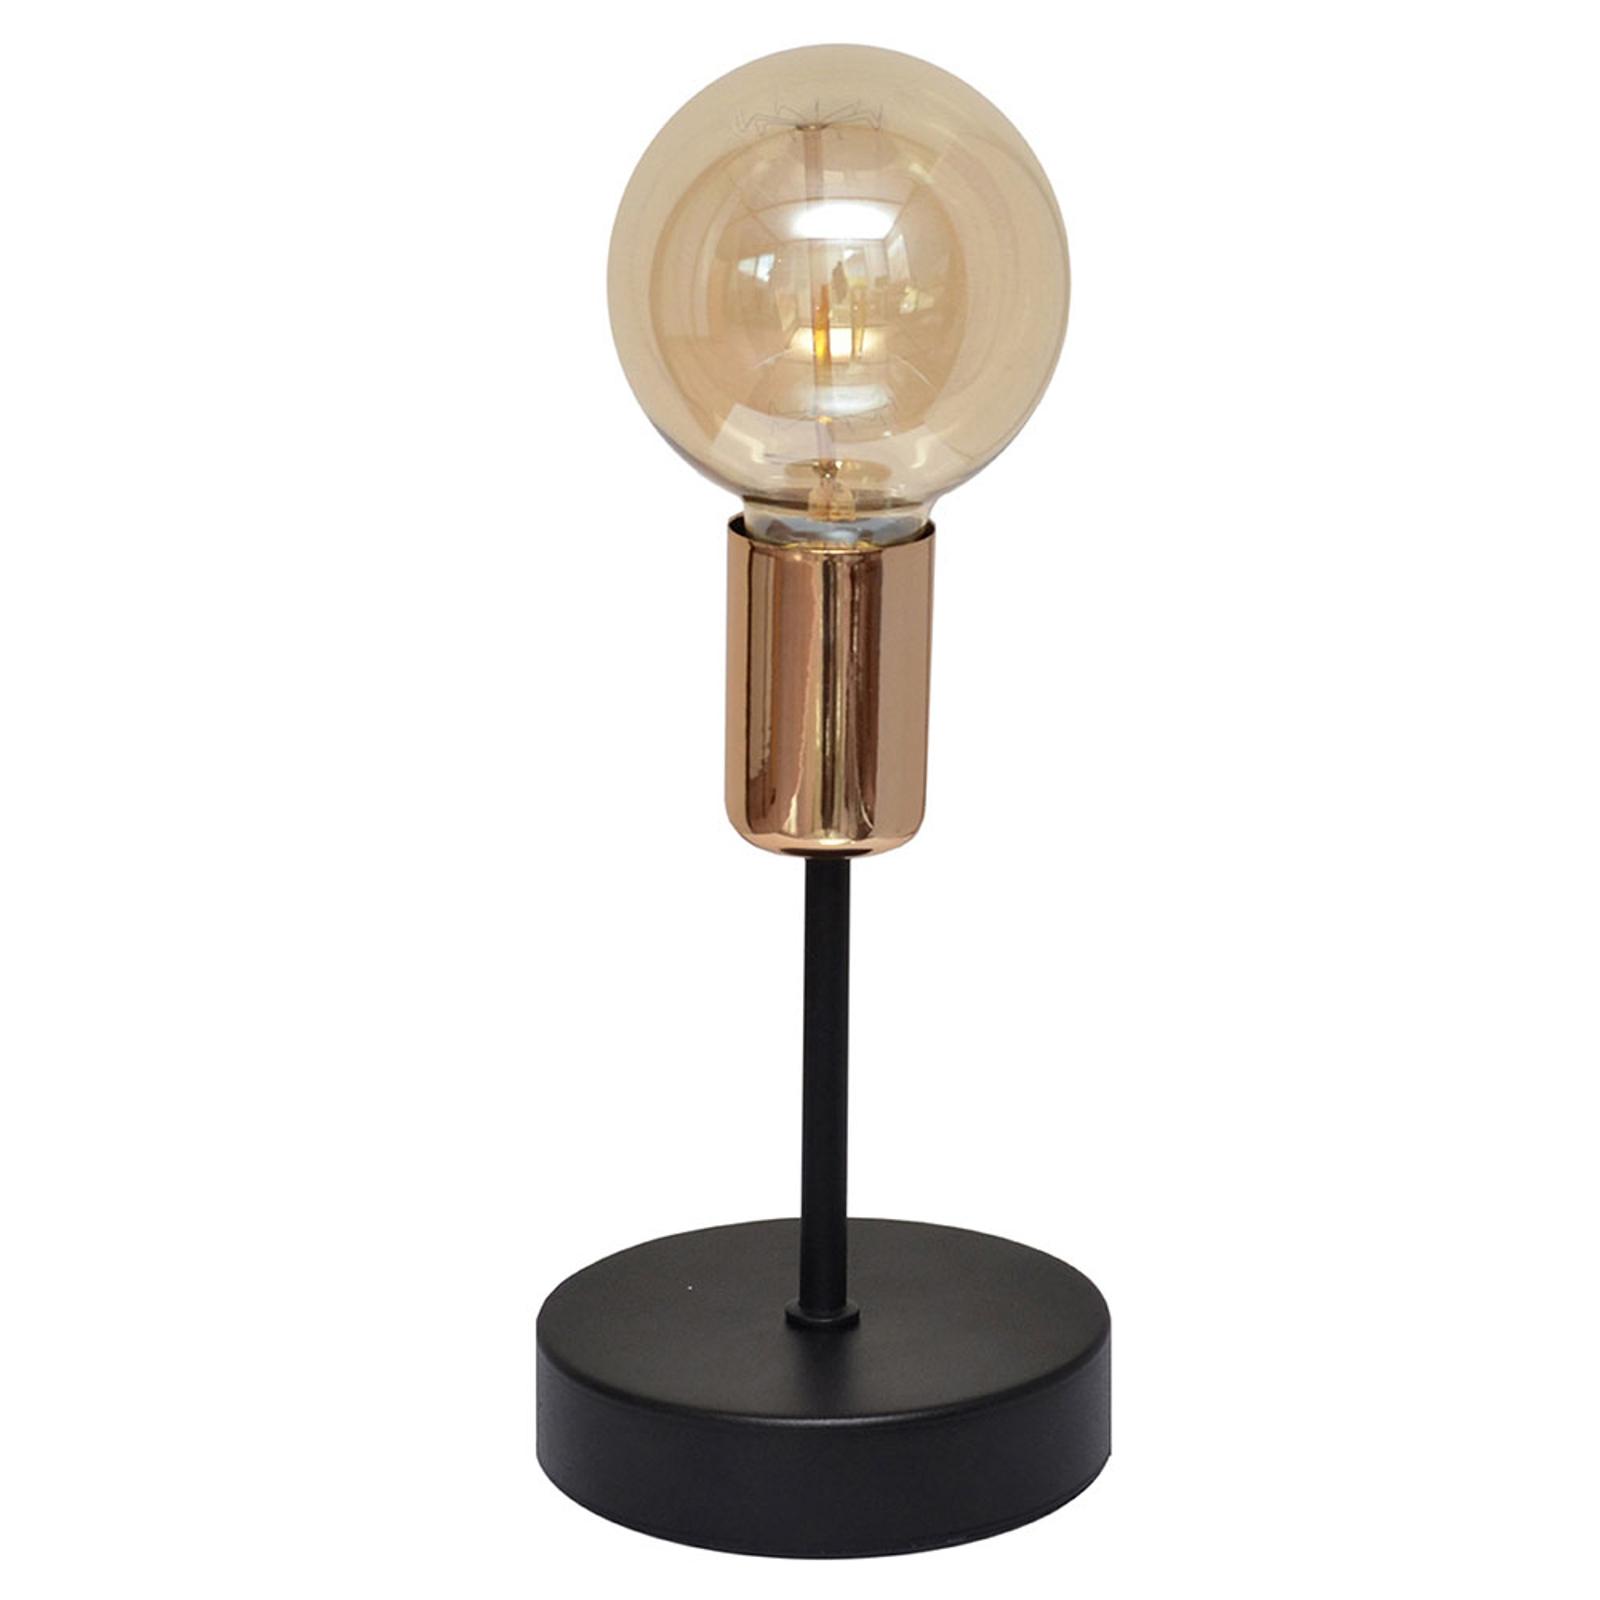 Lampa stołowa Tube czarna z detalem miedzianym